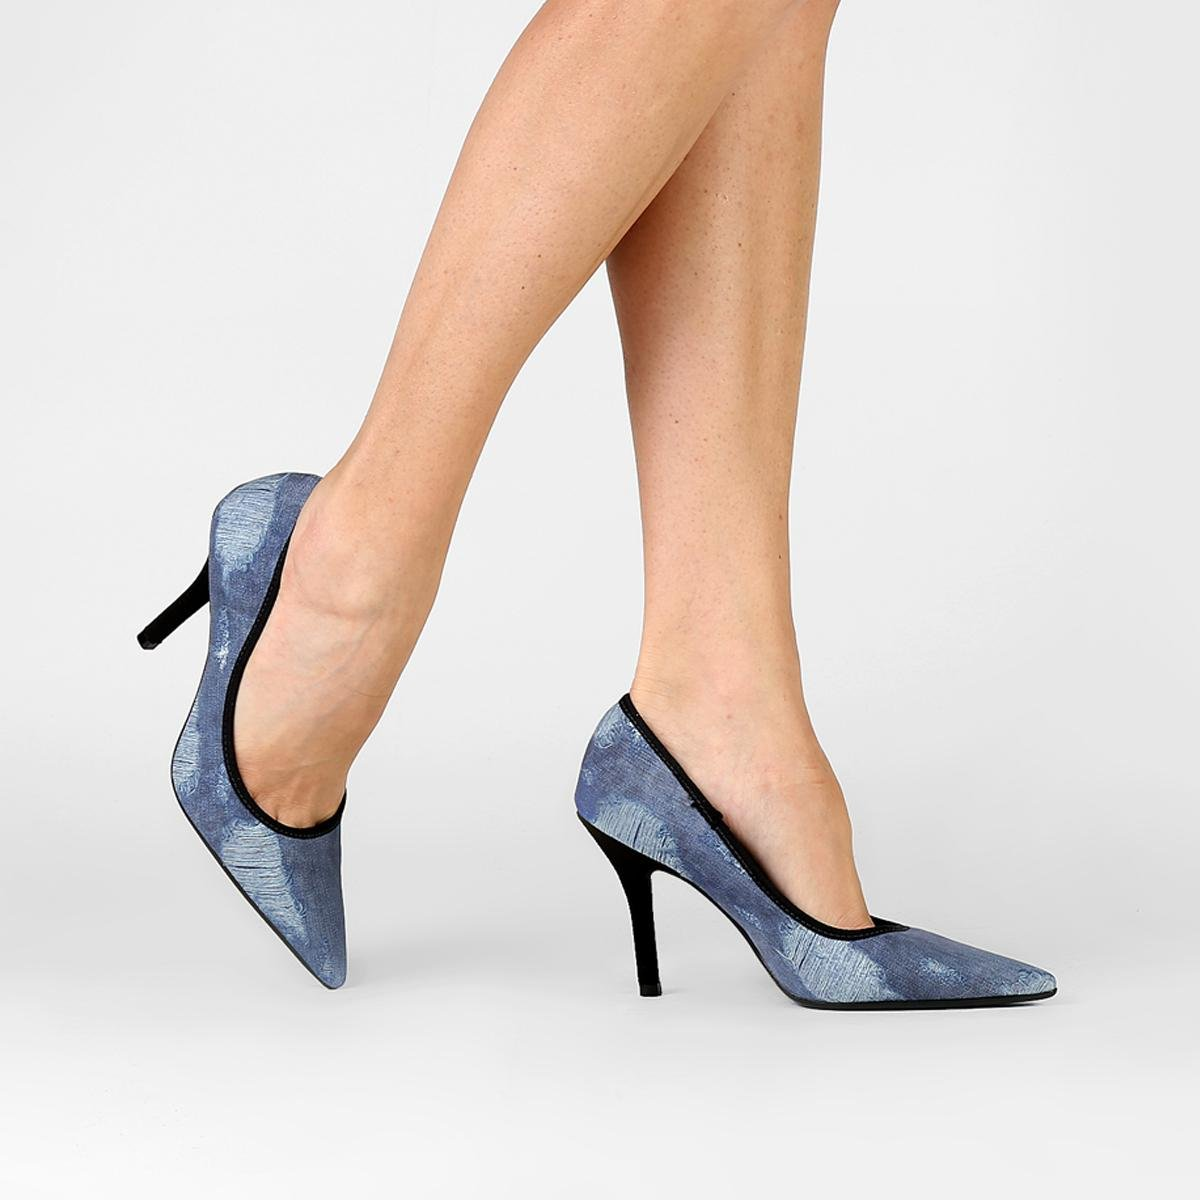 54e049f1e Scarpin Vizzano Jeans - Compre Agora